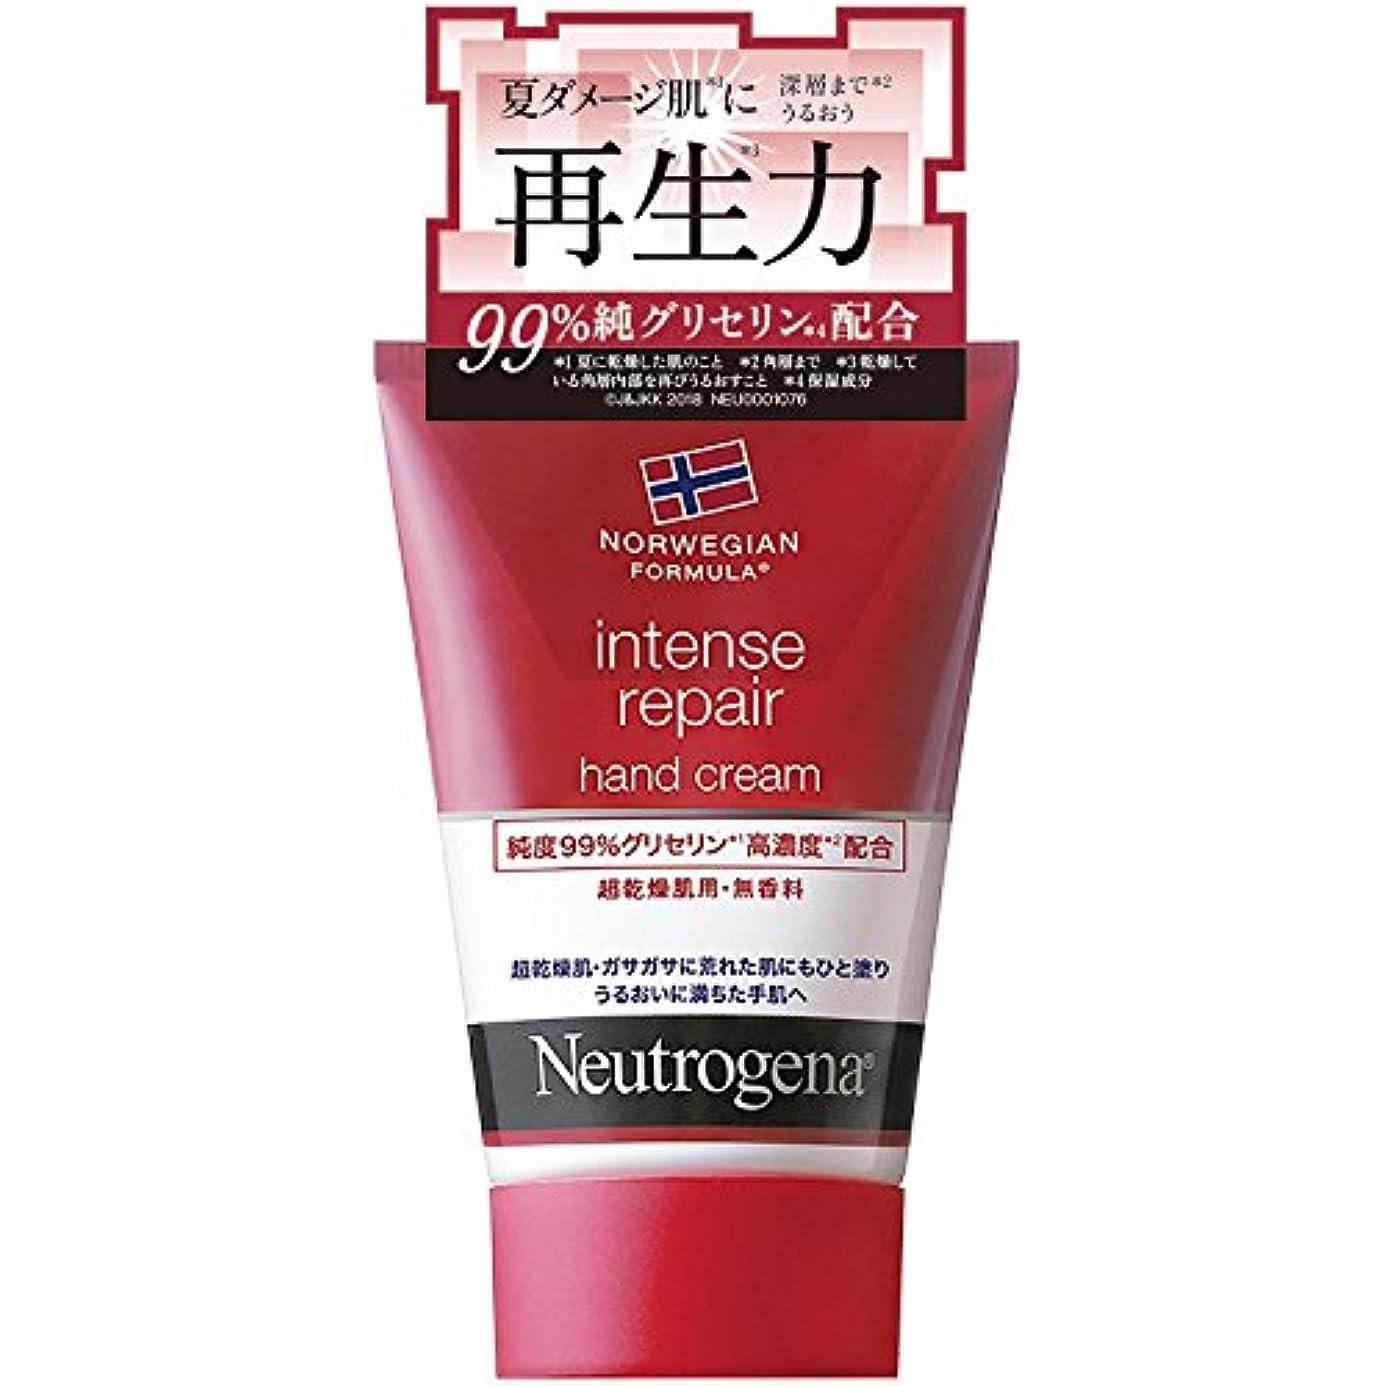 干し草東部認証Neutrogena(ニュートロジーナ) ノルウェーフォーミュラ インテンスリペア ハンドクリーム 超乾燥肌用 無香料 単品 50g